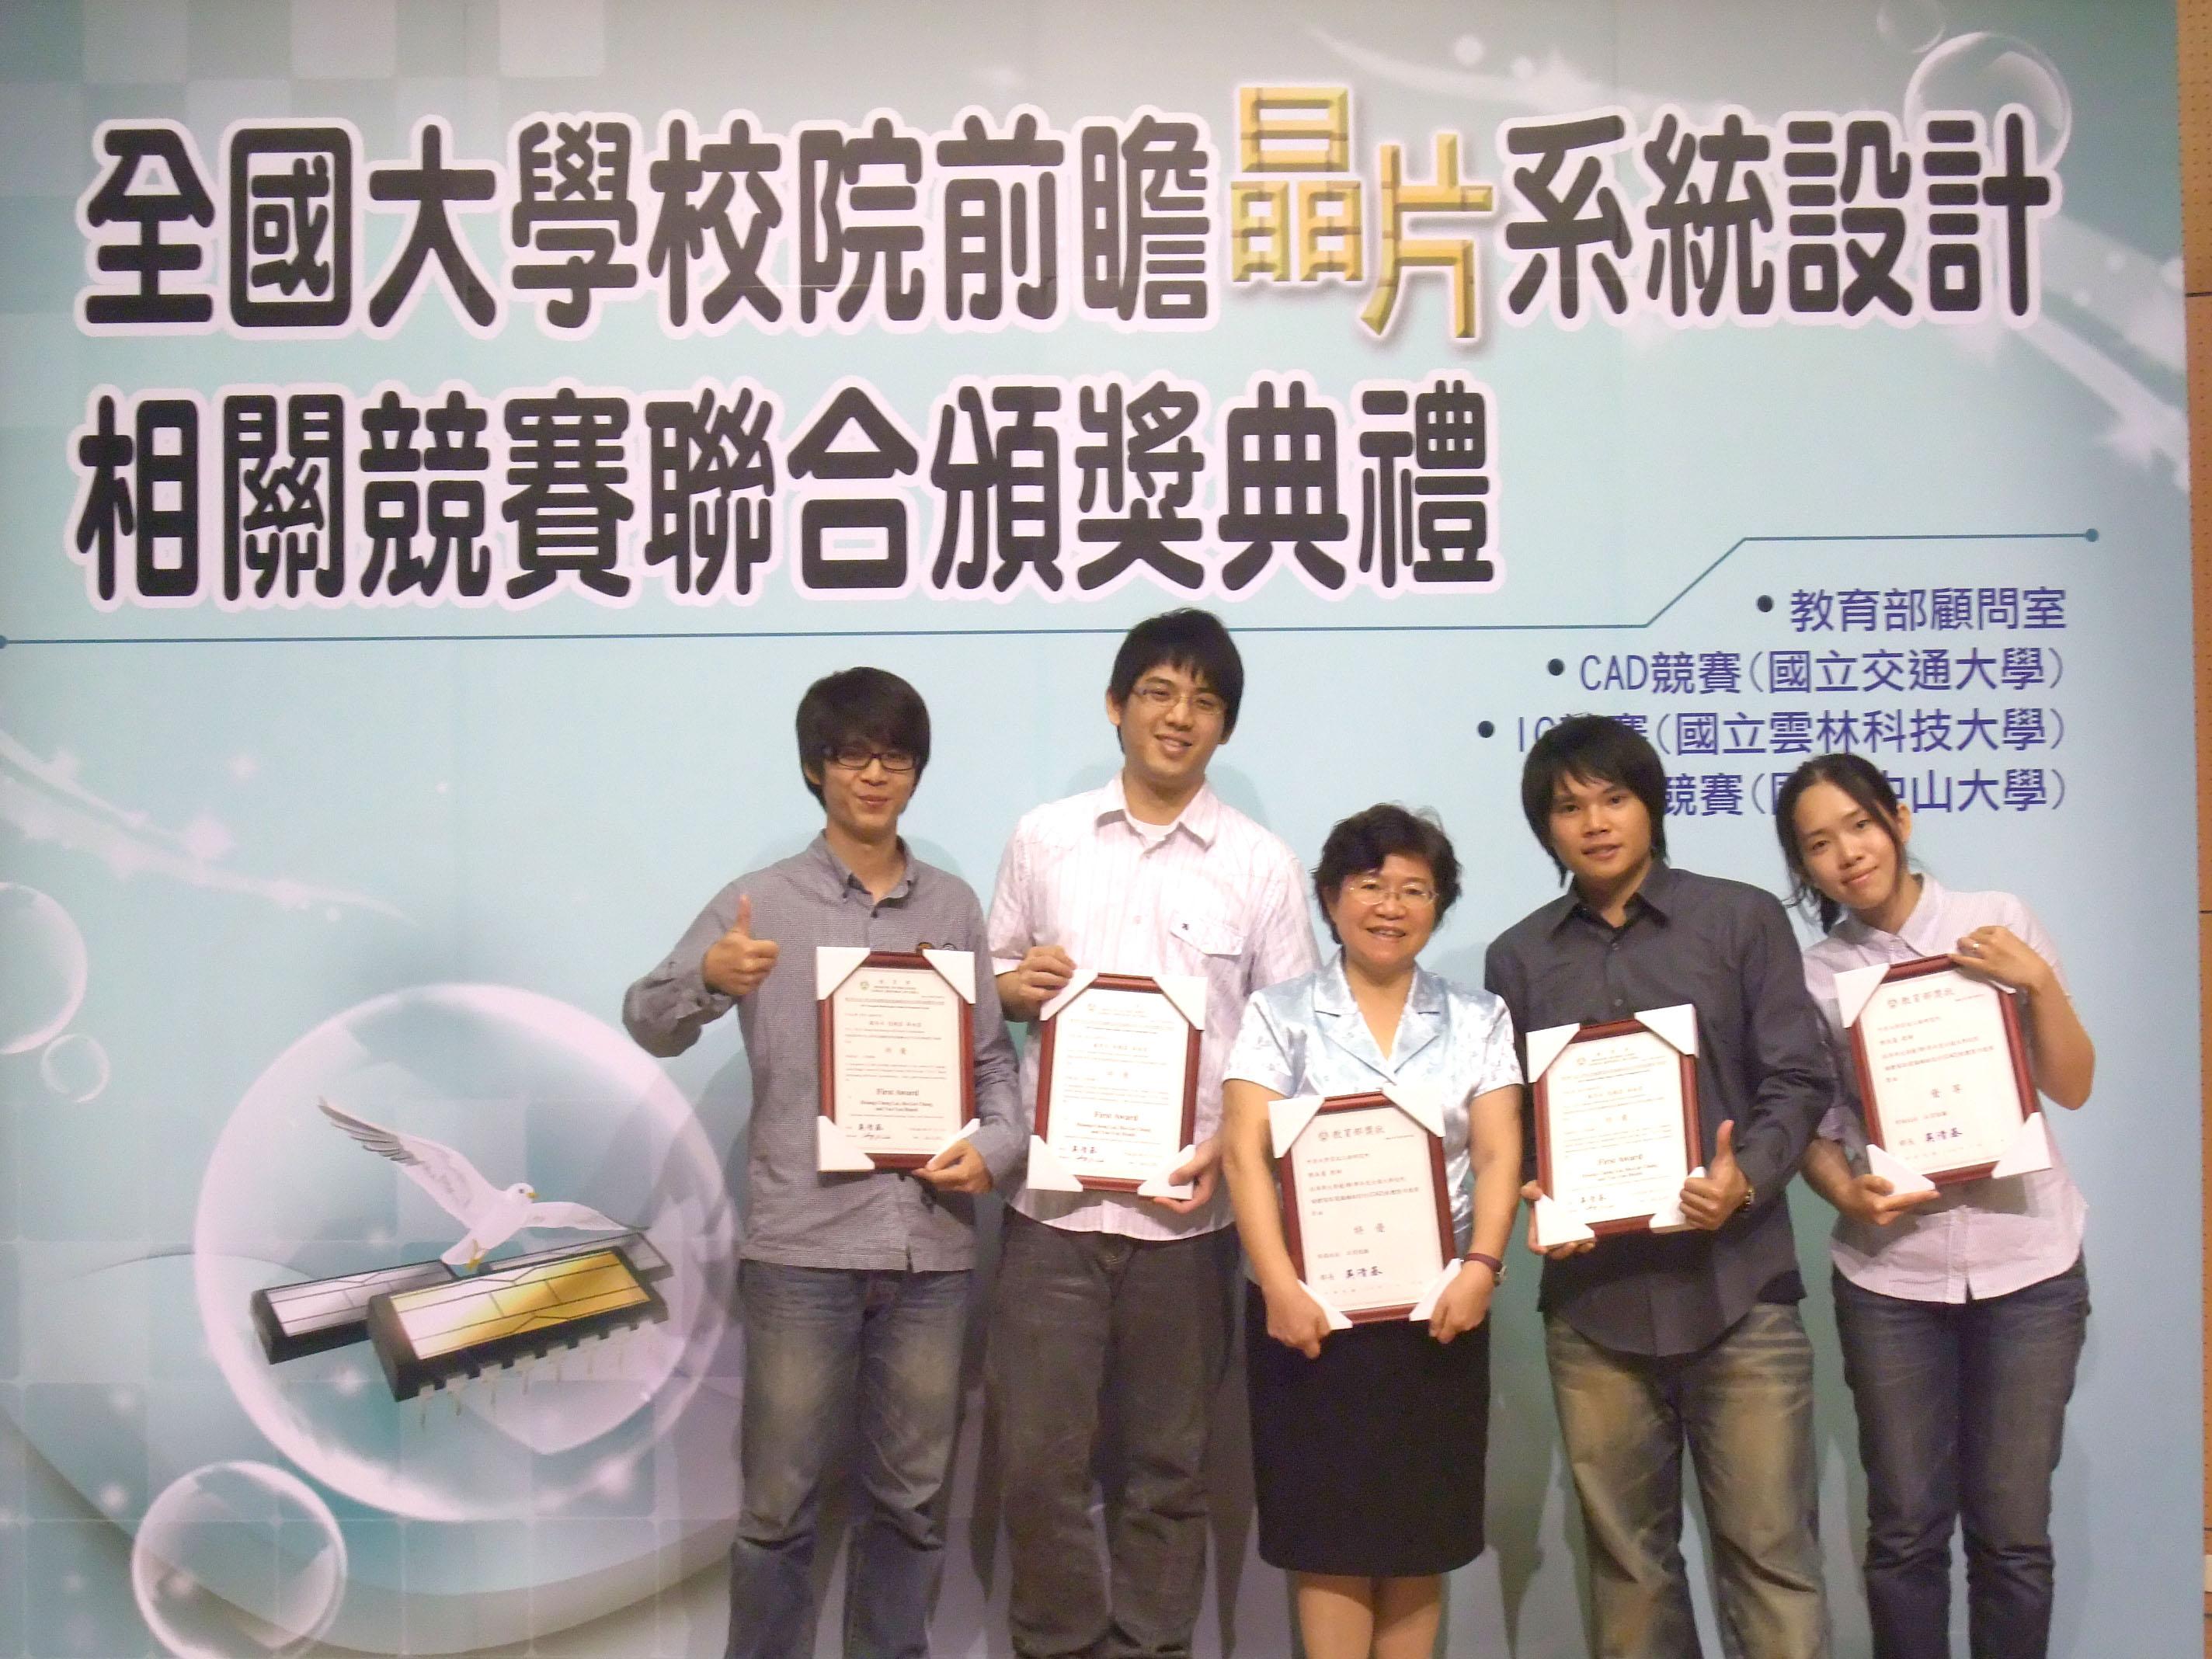 賀!中原資工所師生榮獲CAD軟體製作競賽特優獎